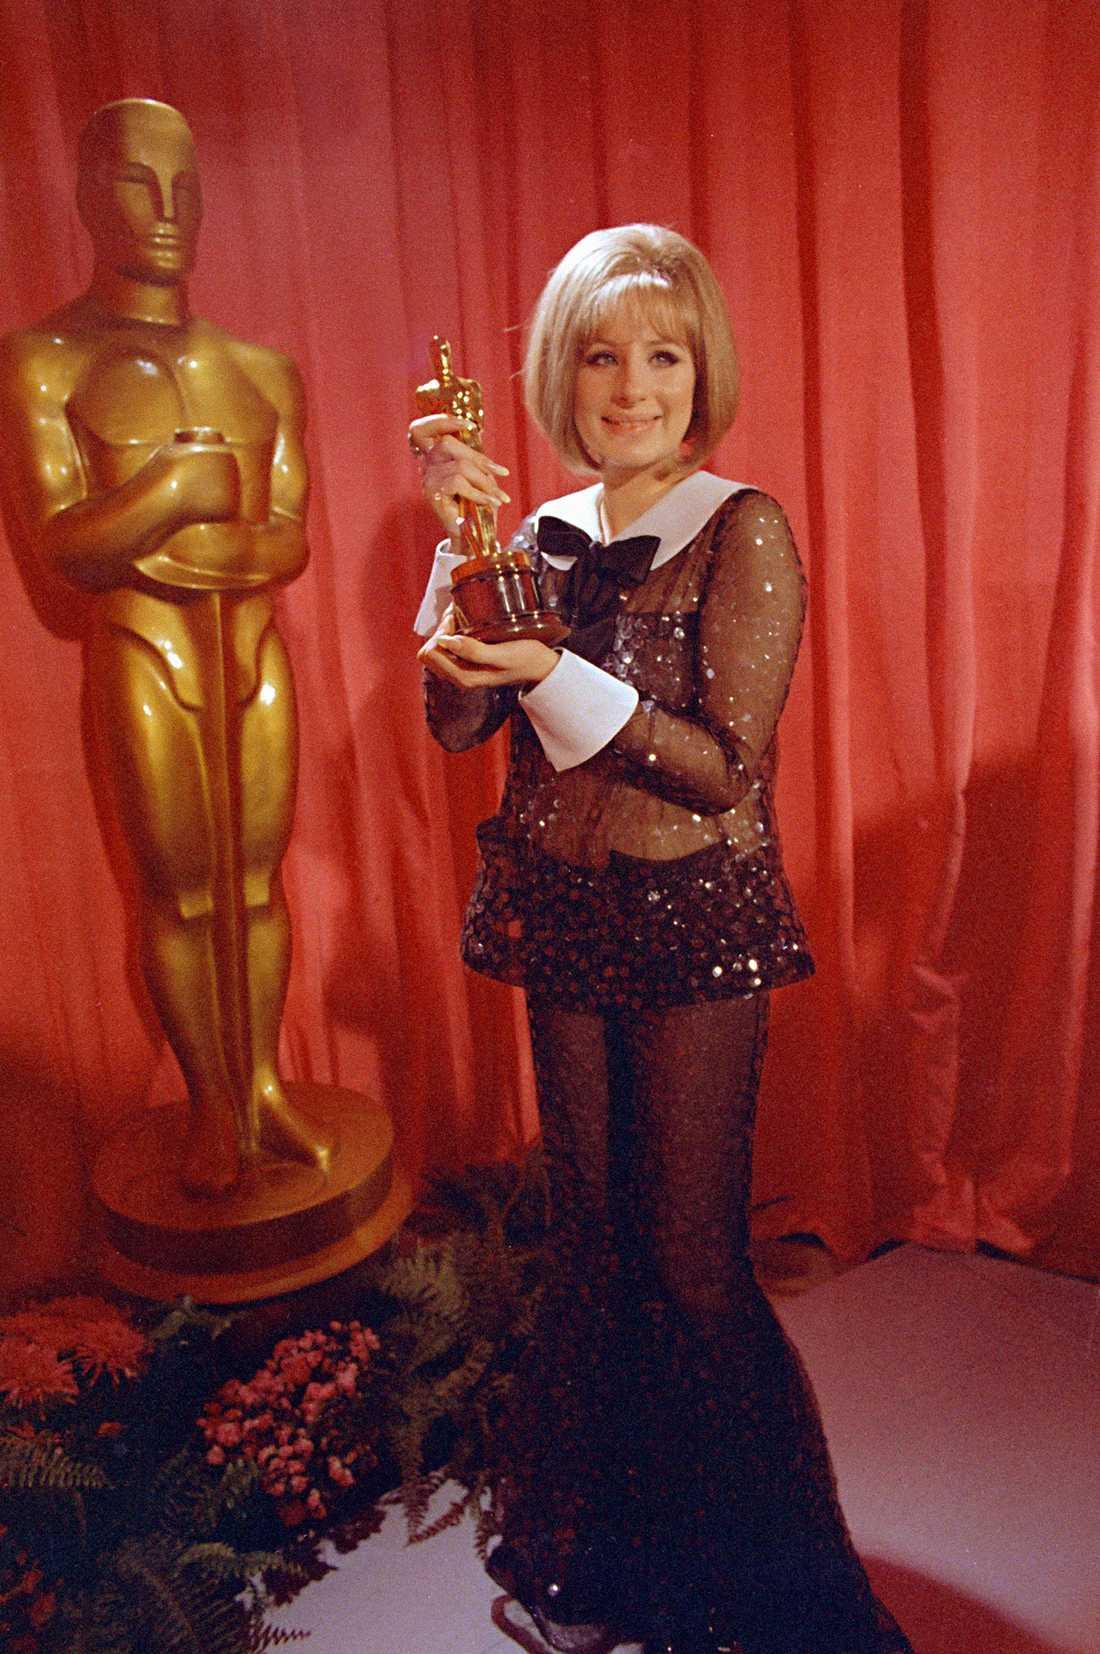 """Barbra Streisand 1969 """"Coola Barbra har alltid gått sin egna väg, så också när det gäller klädval. Alltså fick den här looken signerad Arnold Scaasi ganska mycket kritik från publiken. Idag ser vi byxdressar överallt, men då var det ett väldigt provocerande val med en genomskinlig onepiece, speciellt för ett så elegant tillfälle som Oscars...jag säger det igen: COOLA Barbra!"""""""